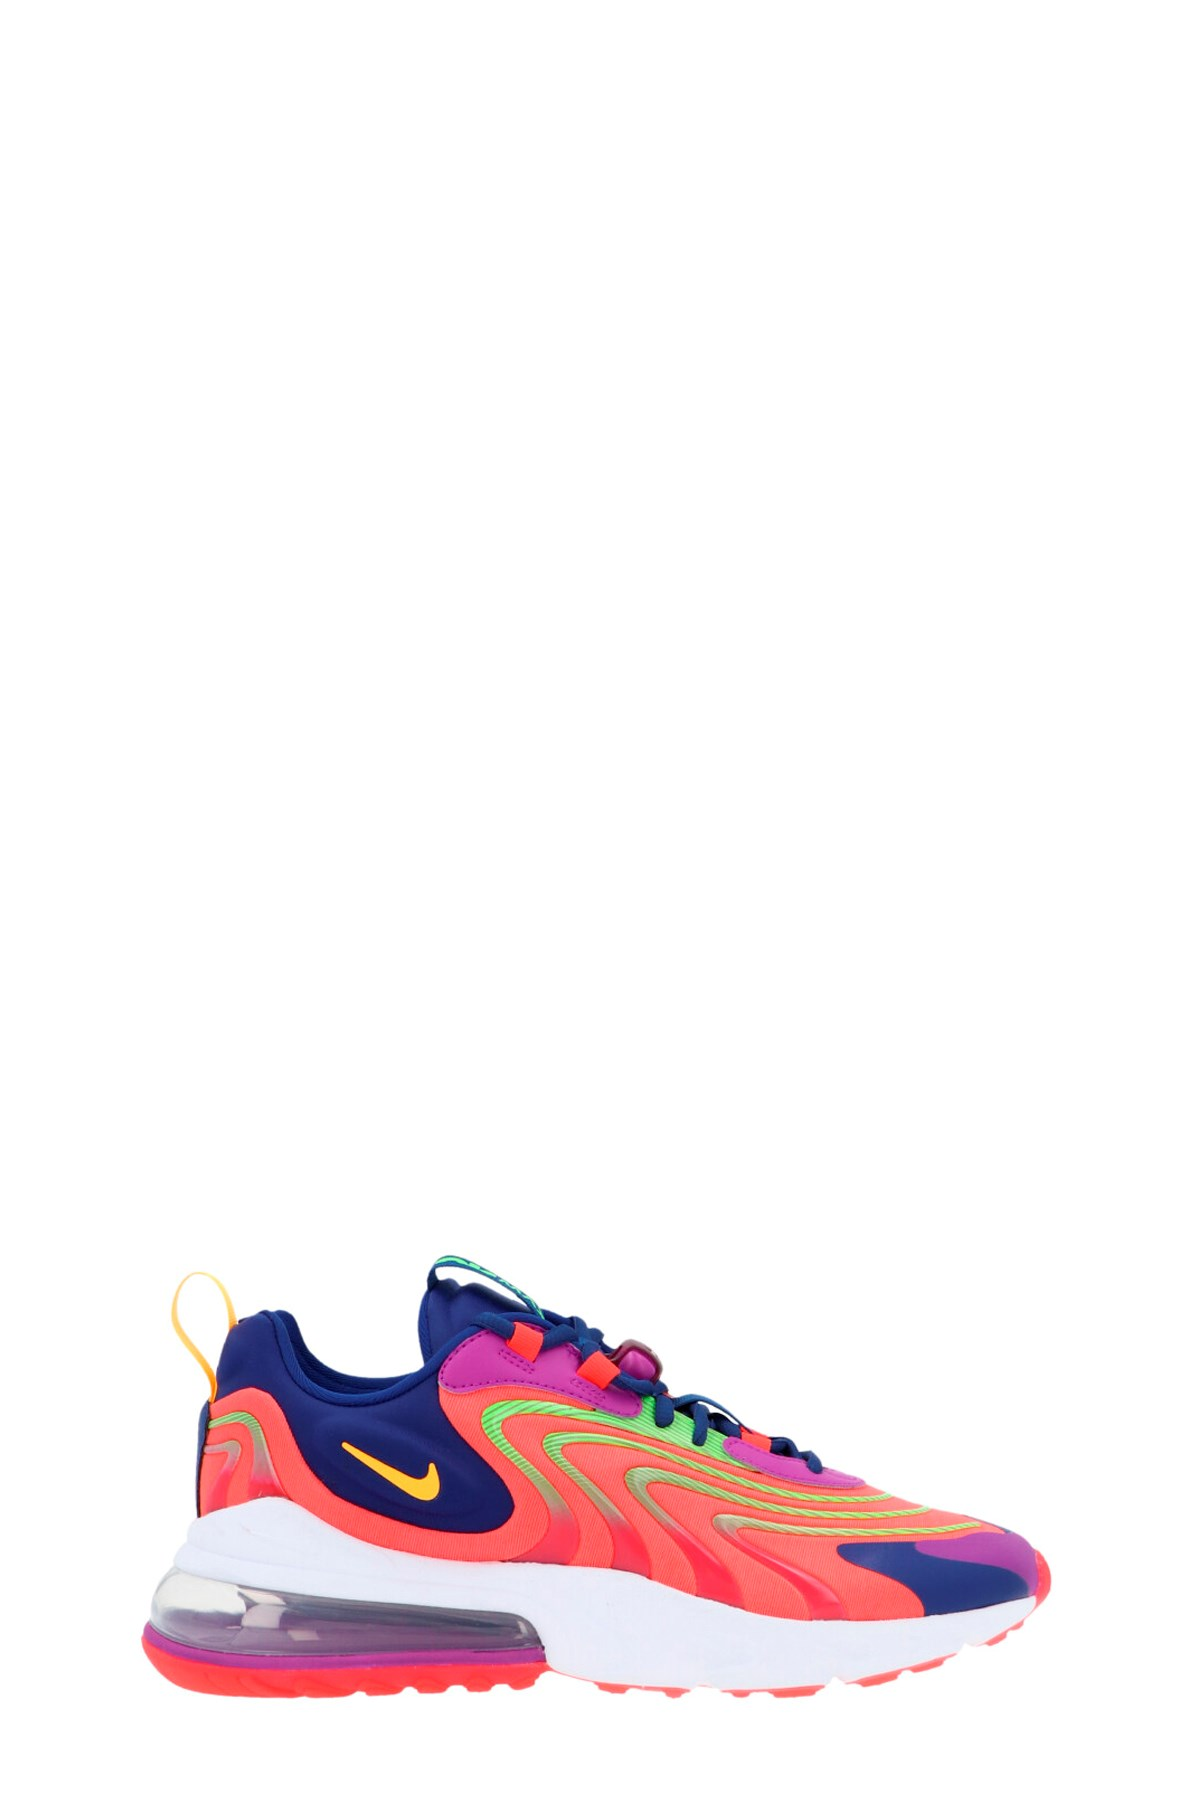 Nike Air Max 270 React ENG Men's Shoe. Nike VN